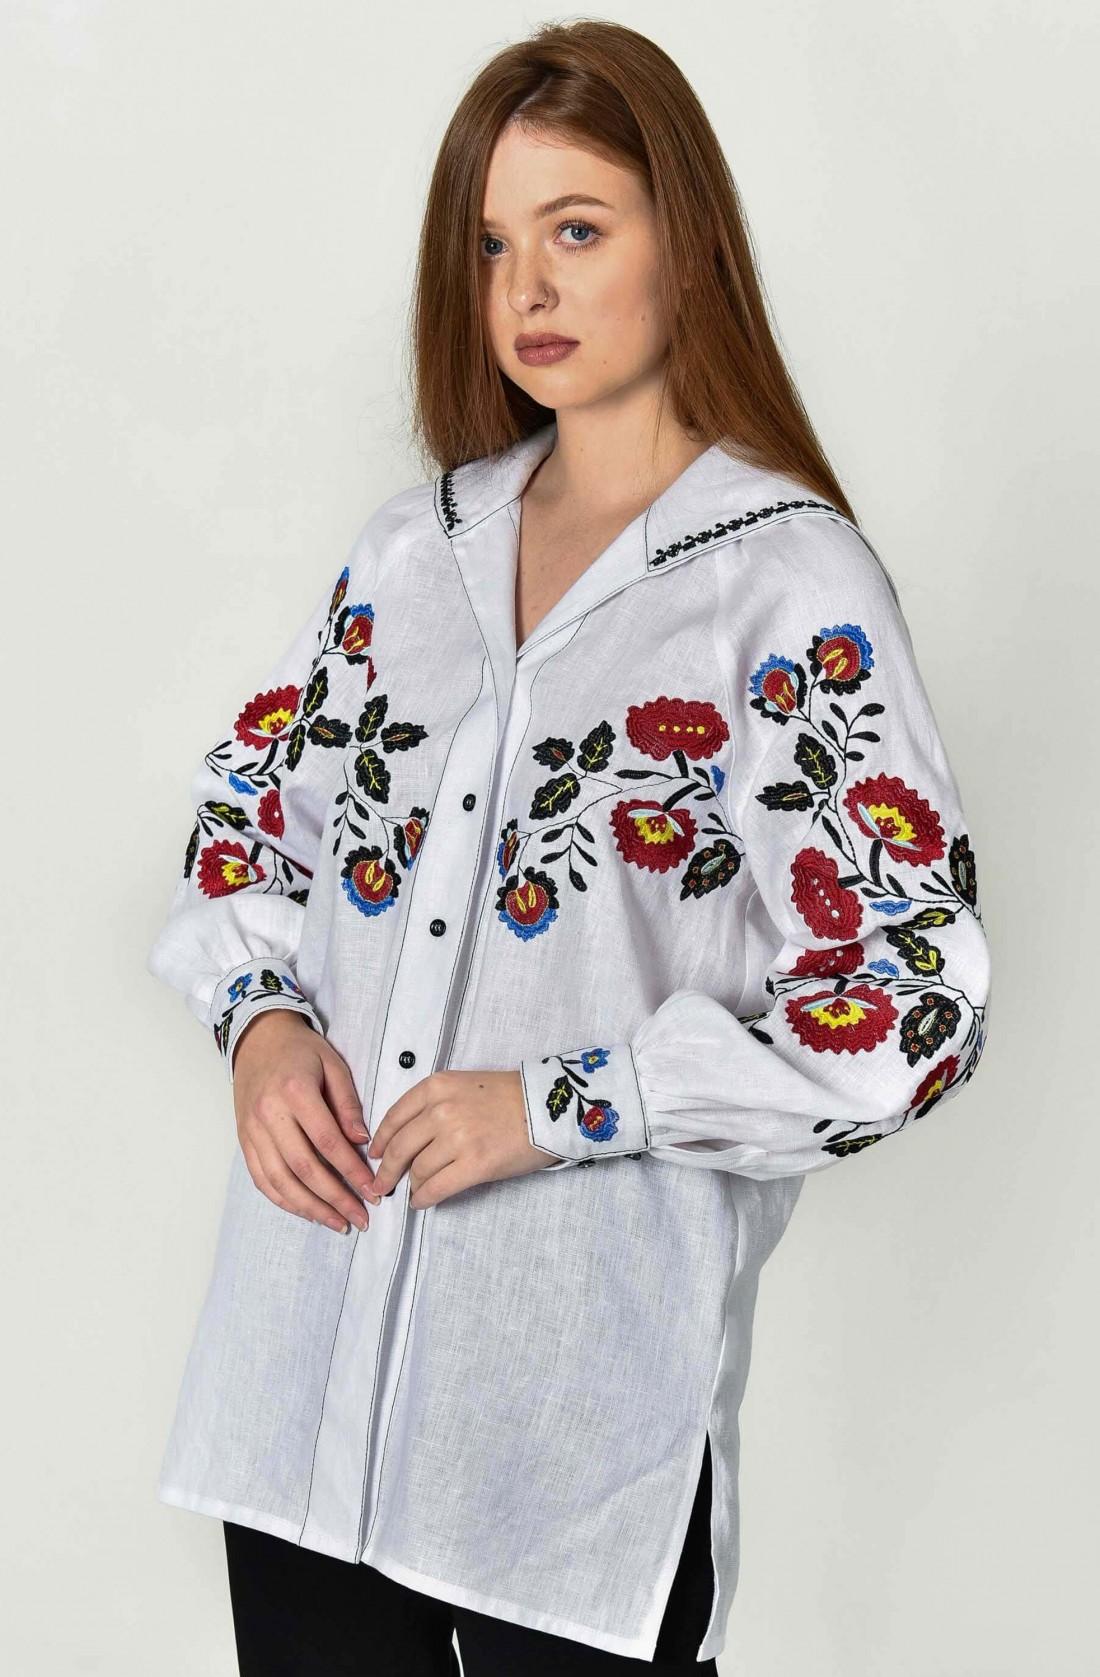 Біла вишита сорочка на хлопчика – купити в інтернет магазині 0942724baf6e1